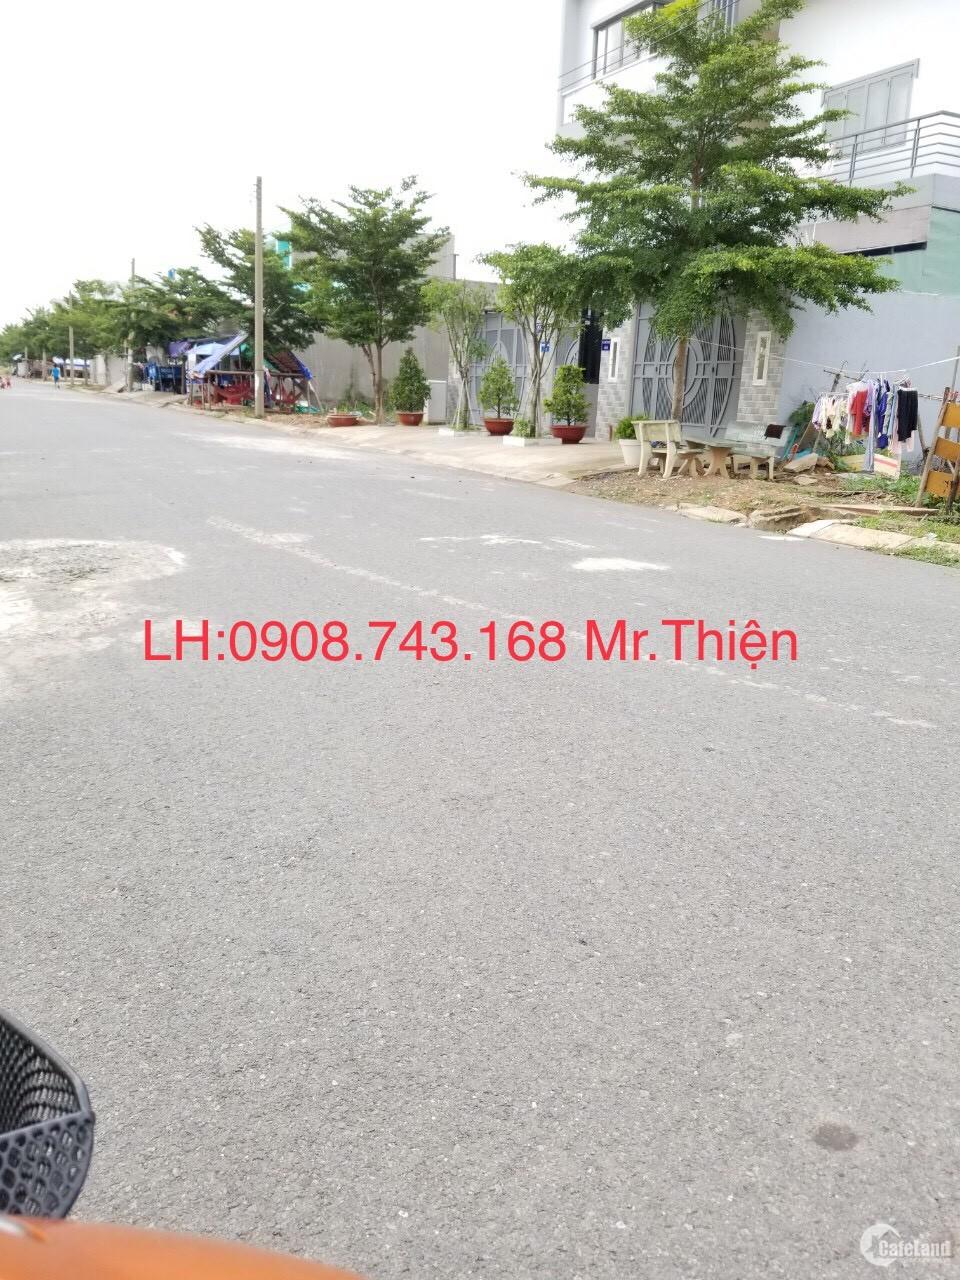 Sacombank HTphát mãi 29 nền đất và 5 lô góc thổ cư liền kề KDC Tên Lửa KV TPHCM